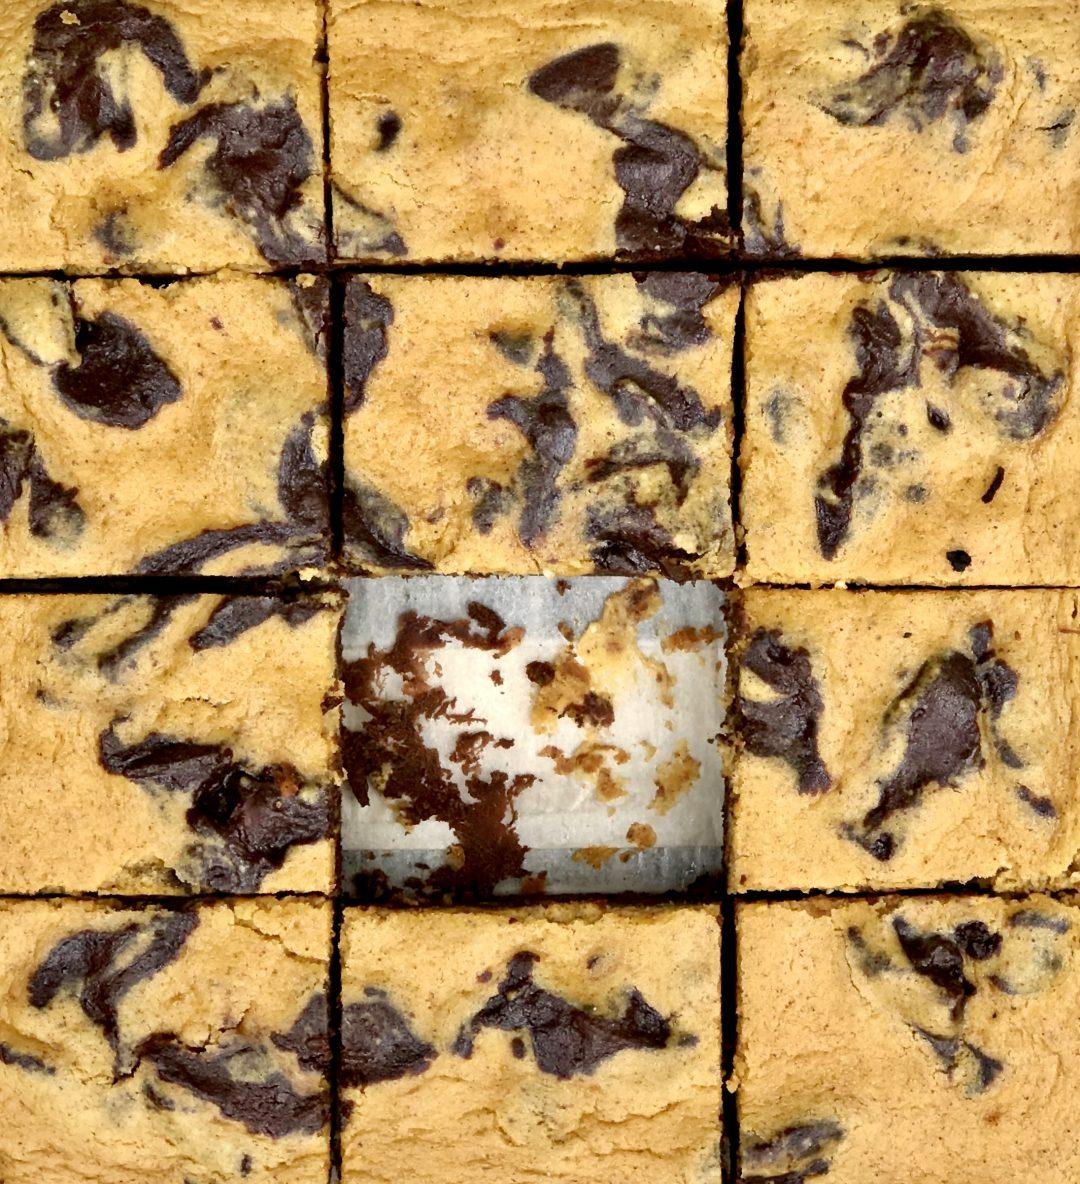 pumpkin-cheesecake brownies